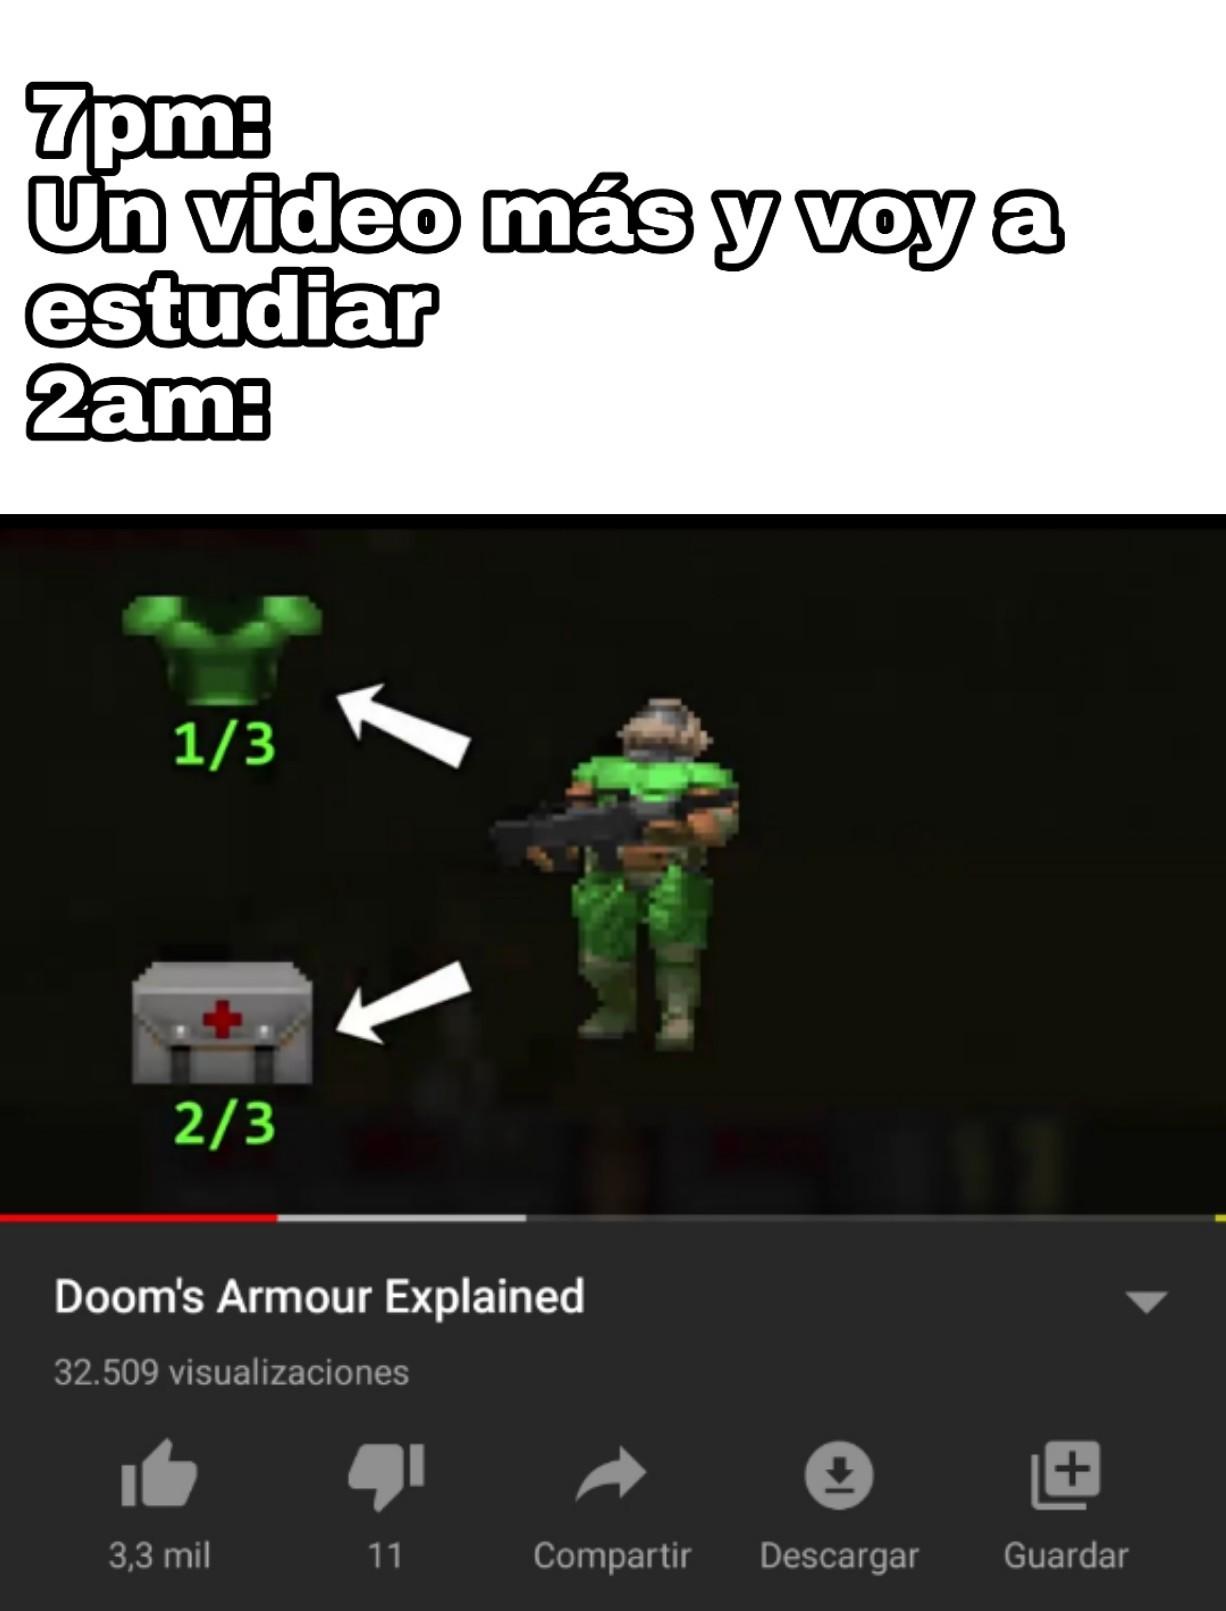 El doom es lo MAXIMO - meme